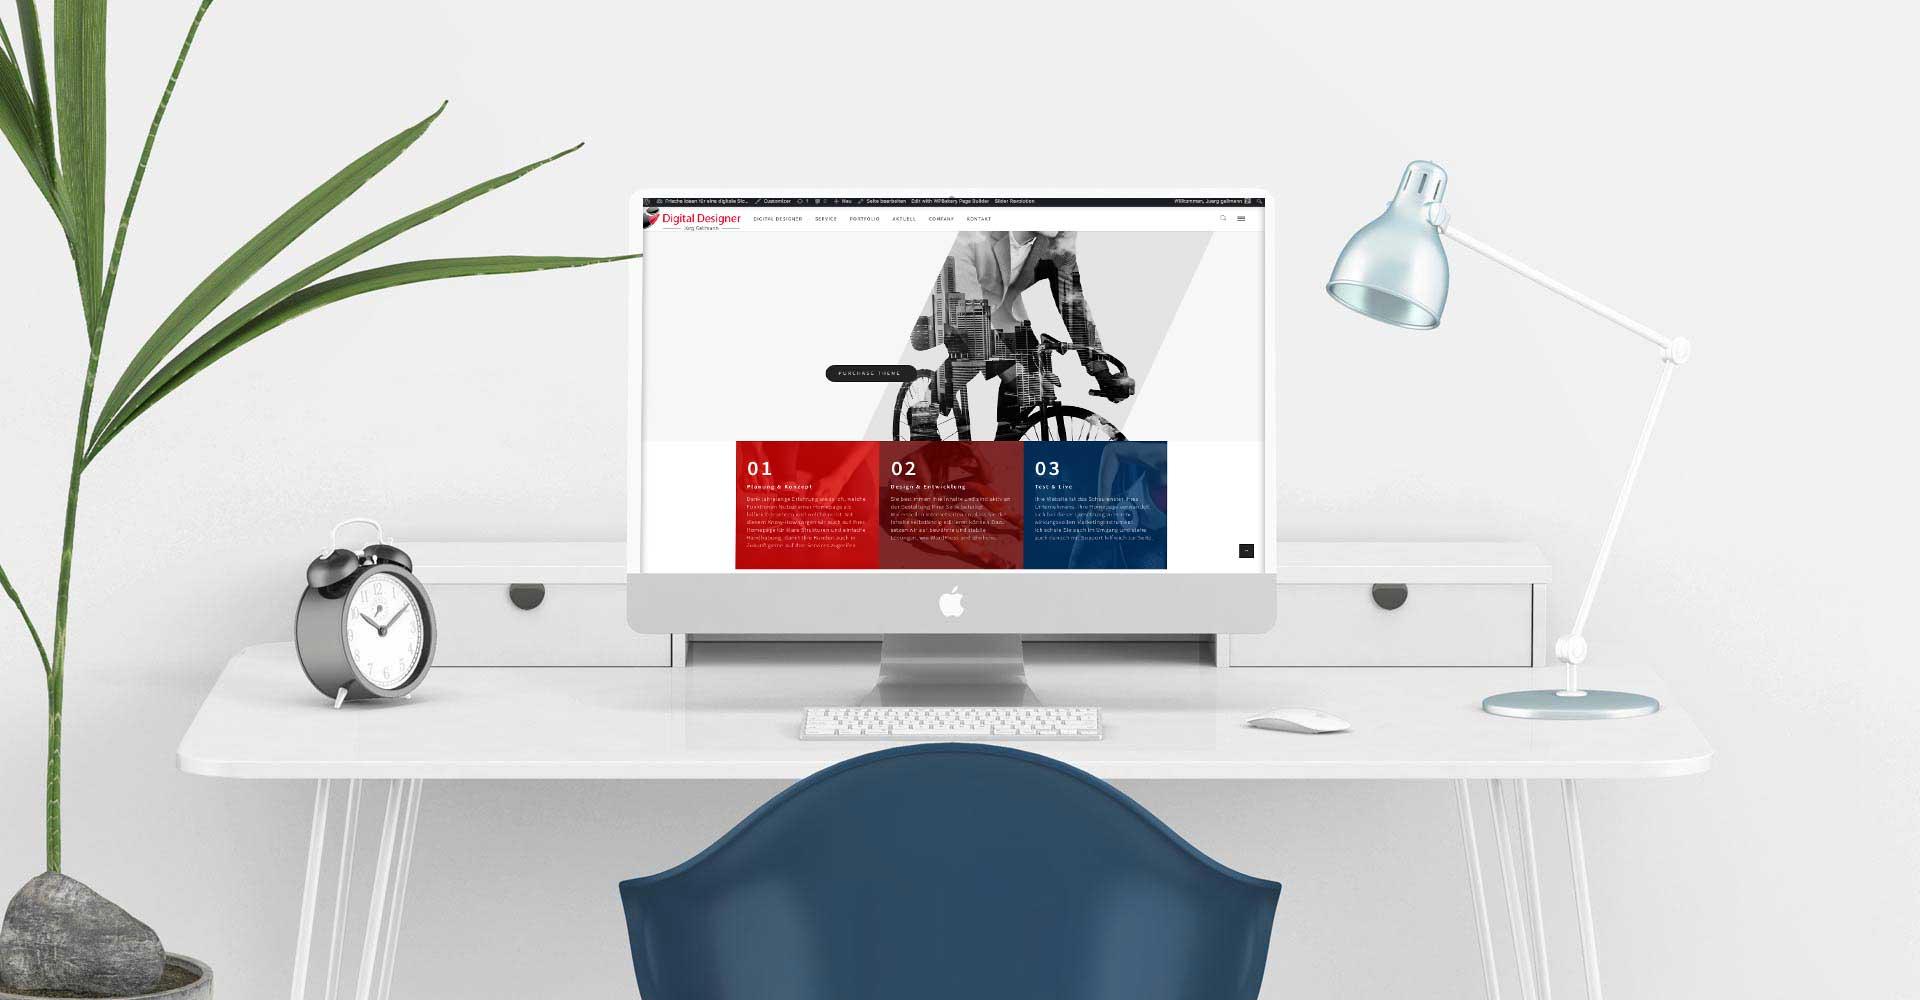 igital-designer-juerg-gallmann-studio für Hompage